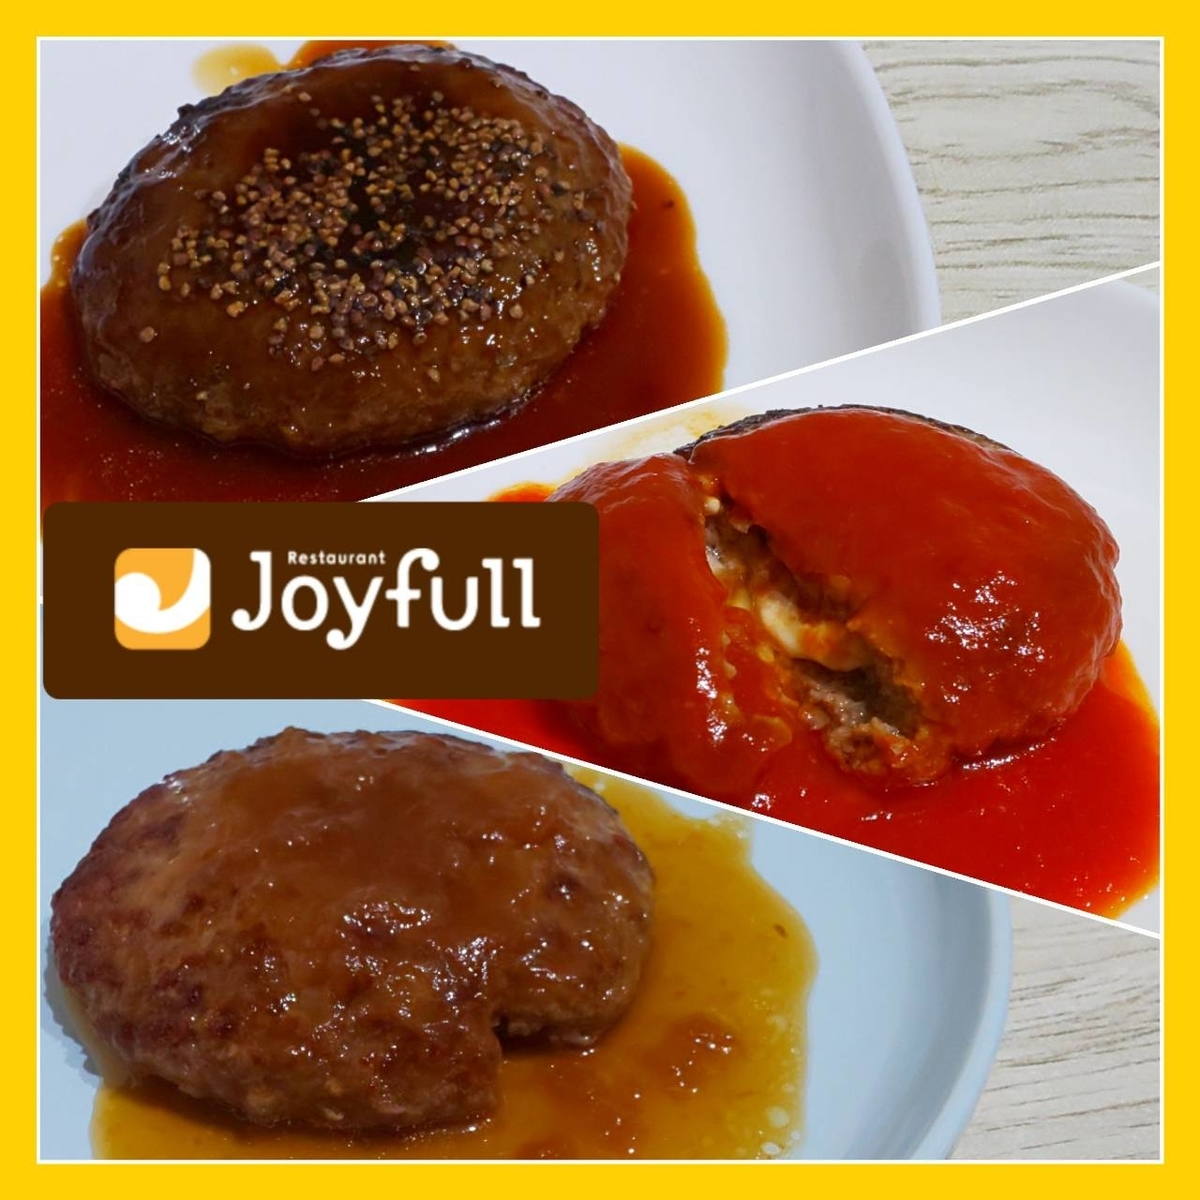 ジョイフルの冷凍ハンバーグ 「Jハンバーグ」ディスカウントドラッグ コスモス LIFE